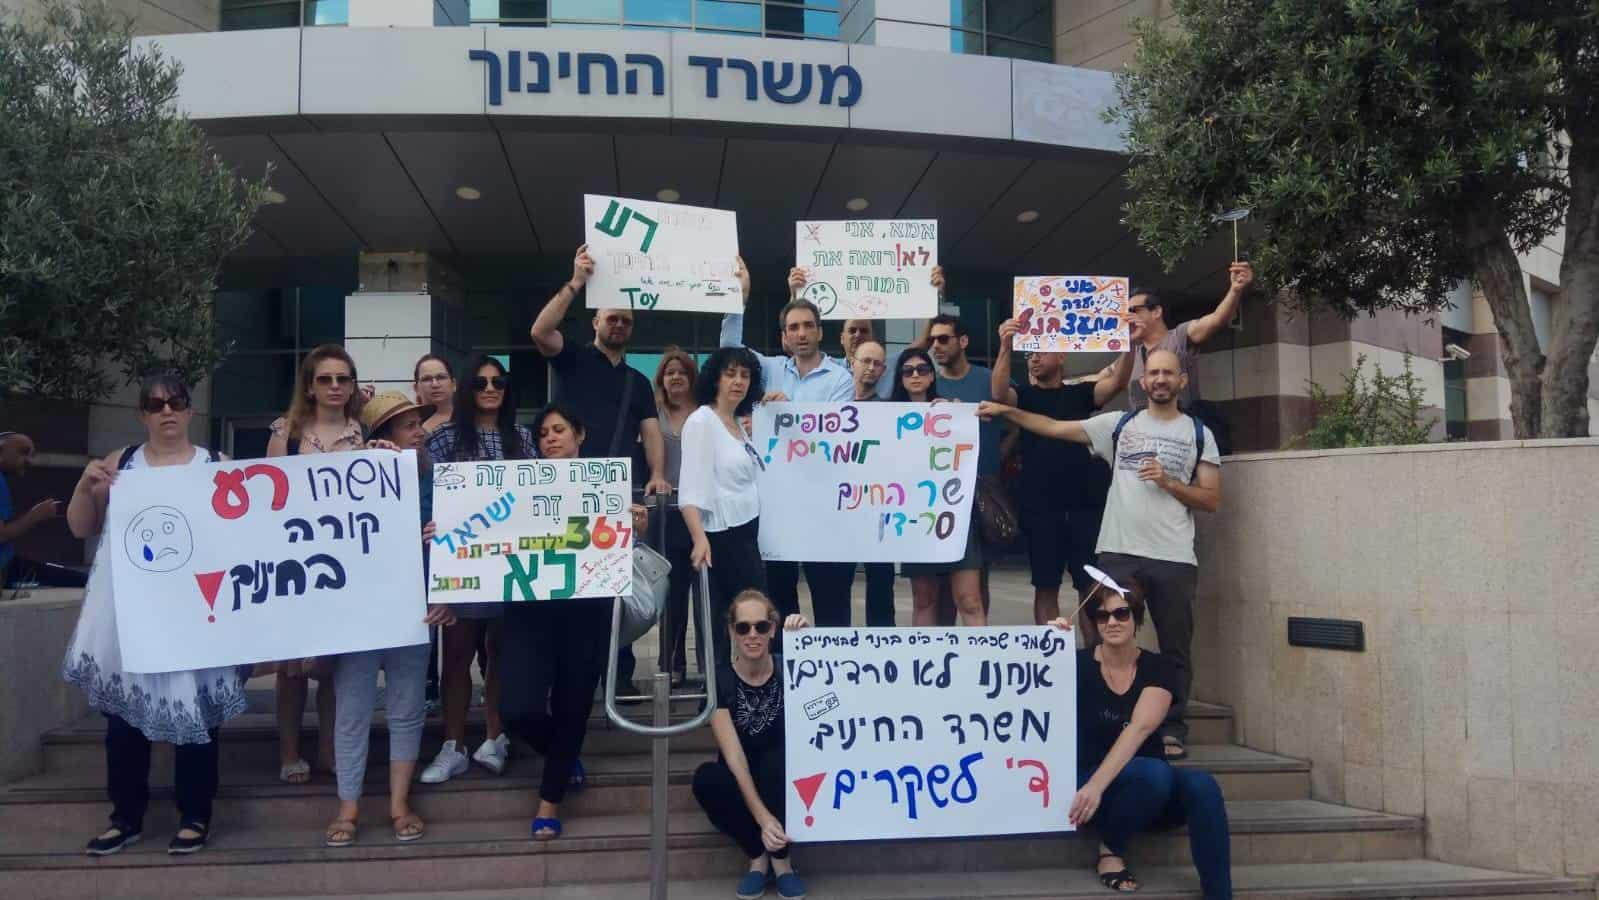 ההפגנה הקודמת מול משרד החינוך, צילום: ועד הורי ברנר